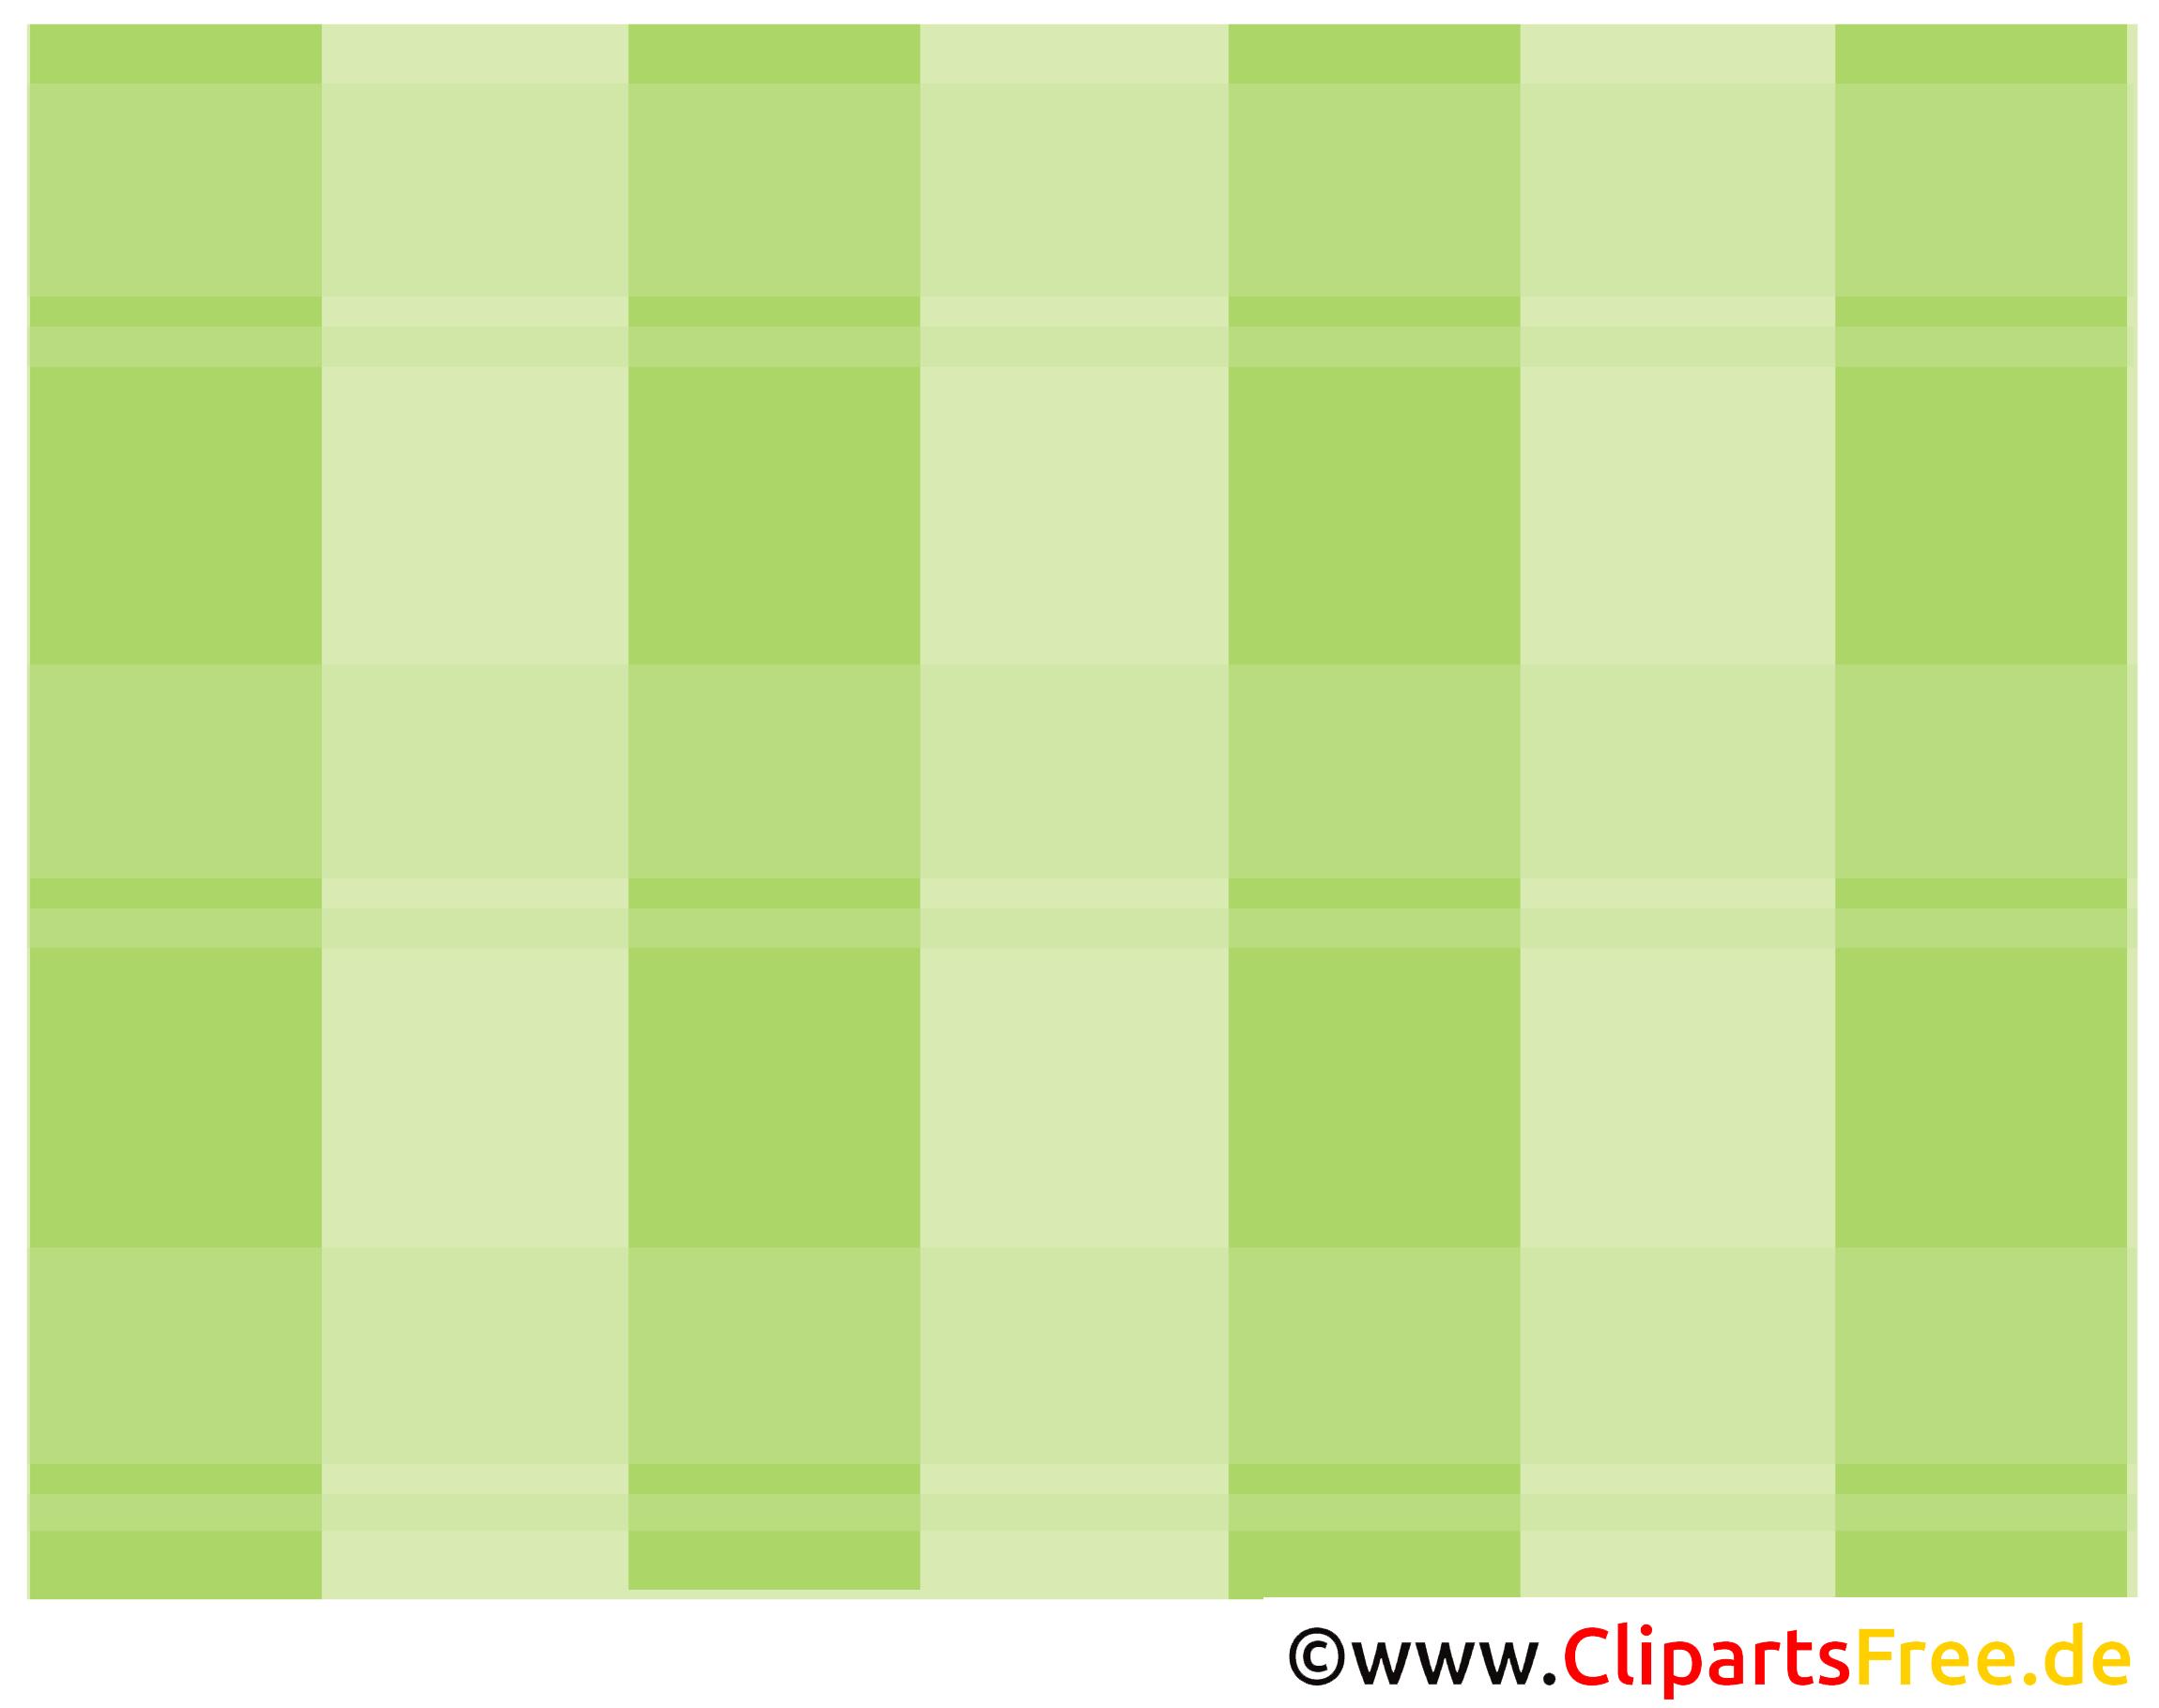 Yüksek çözünürlükte geleneksel yeşil renkli